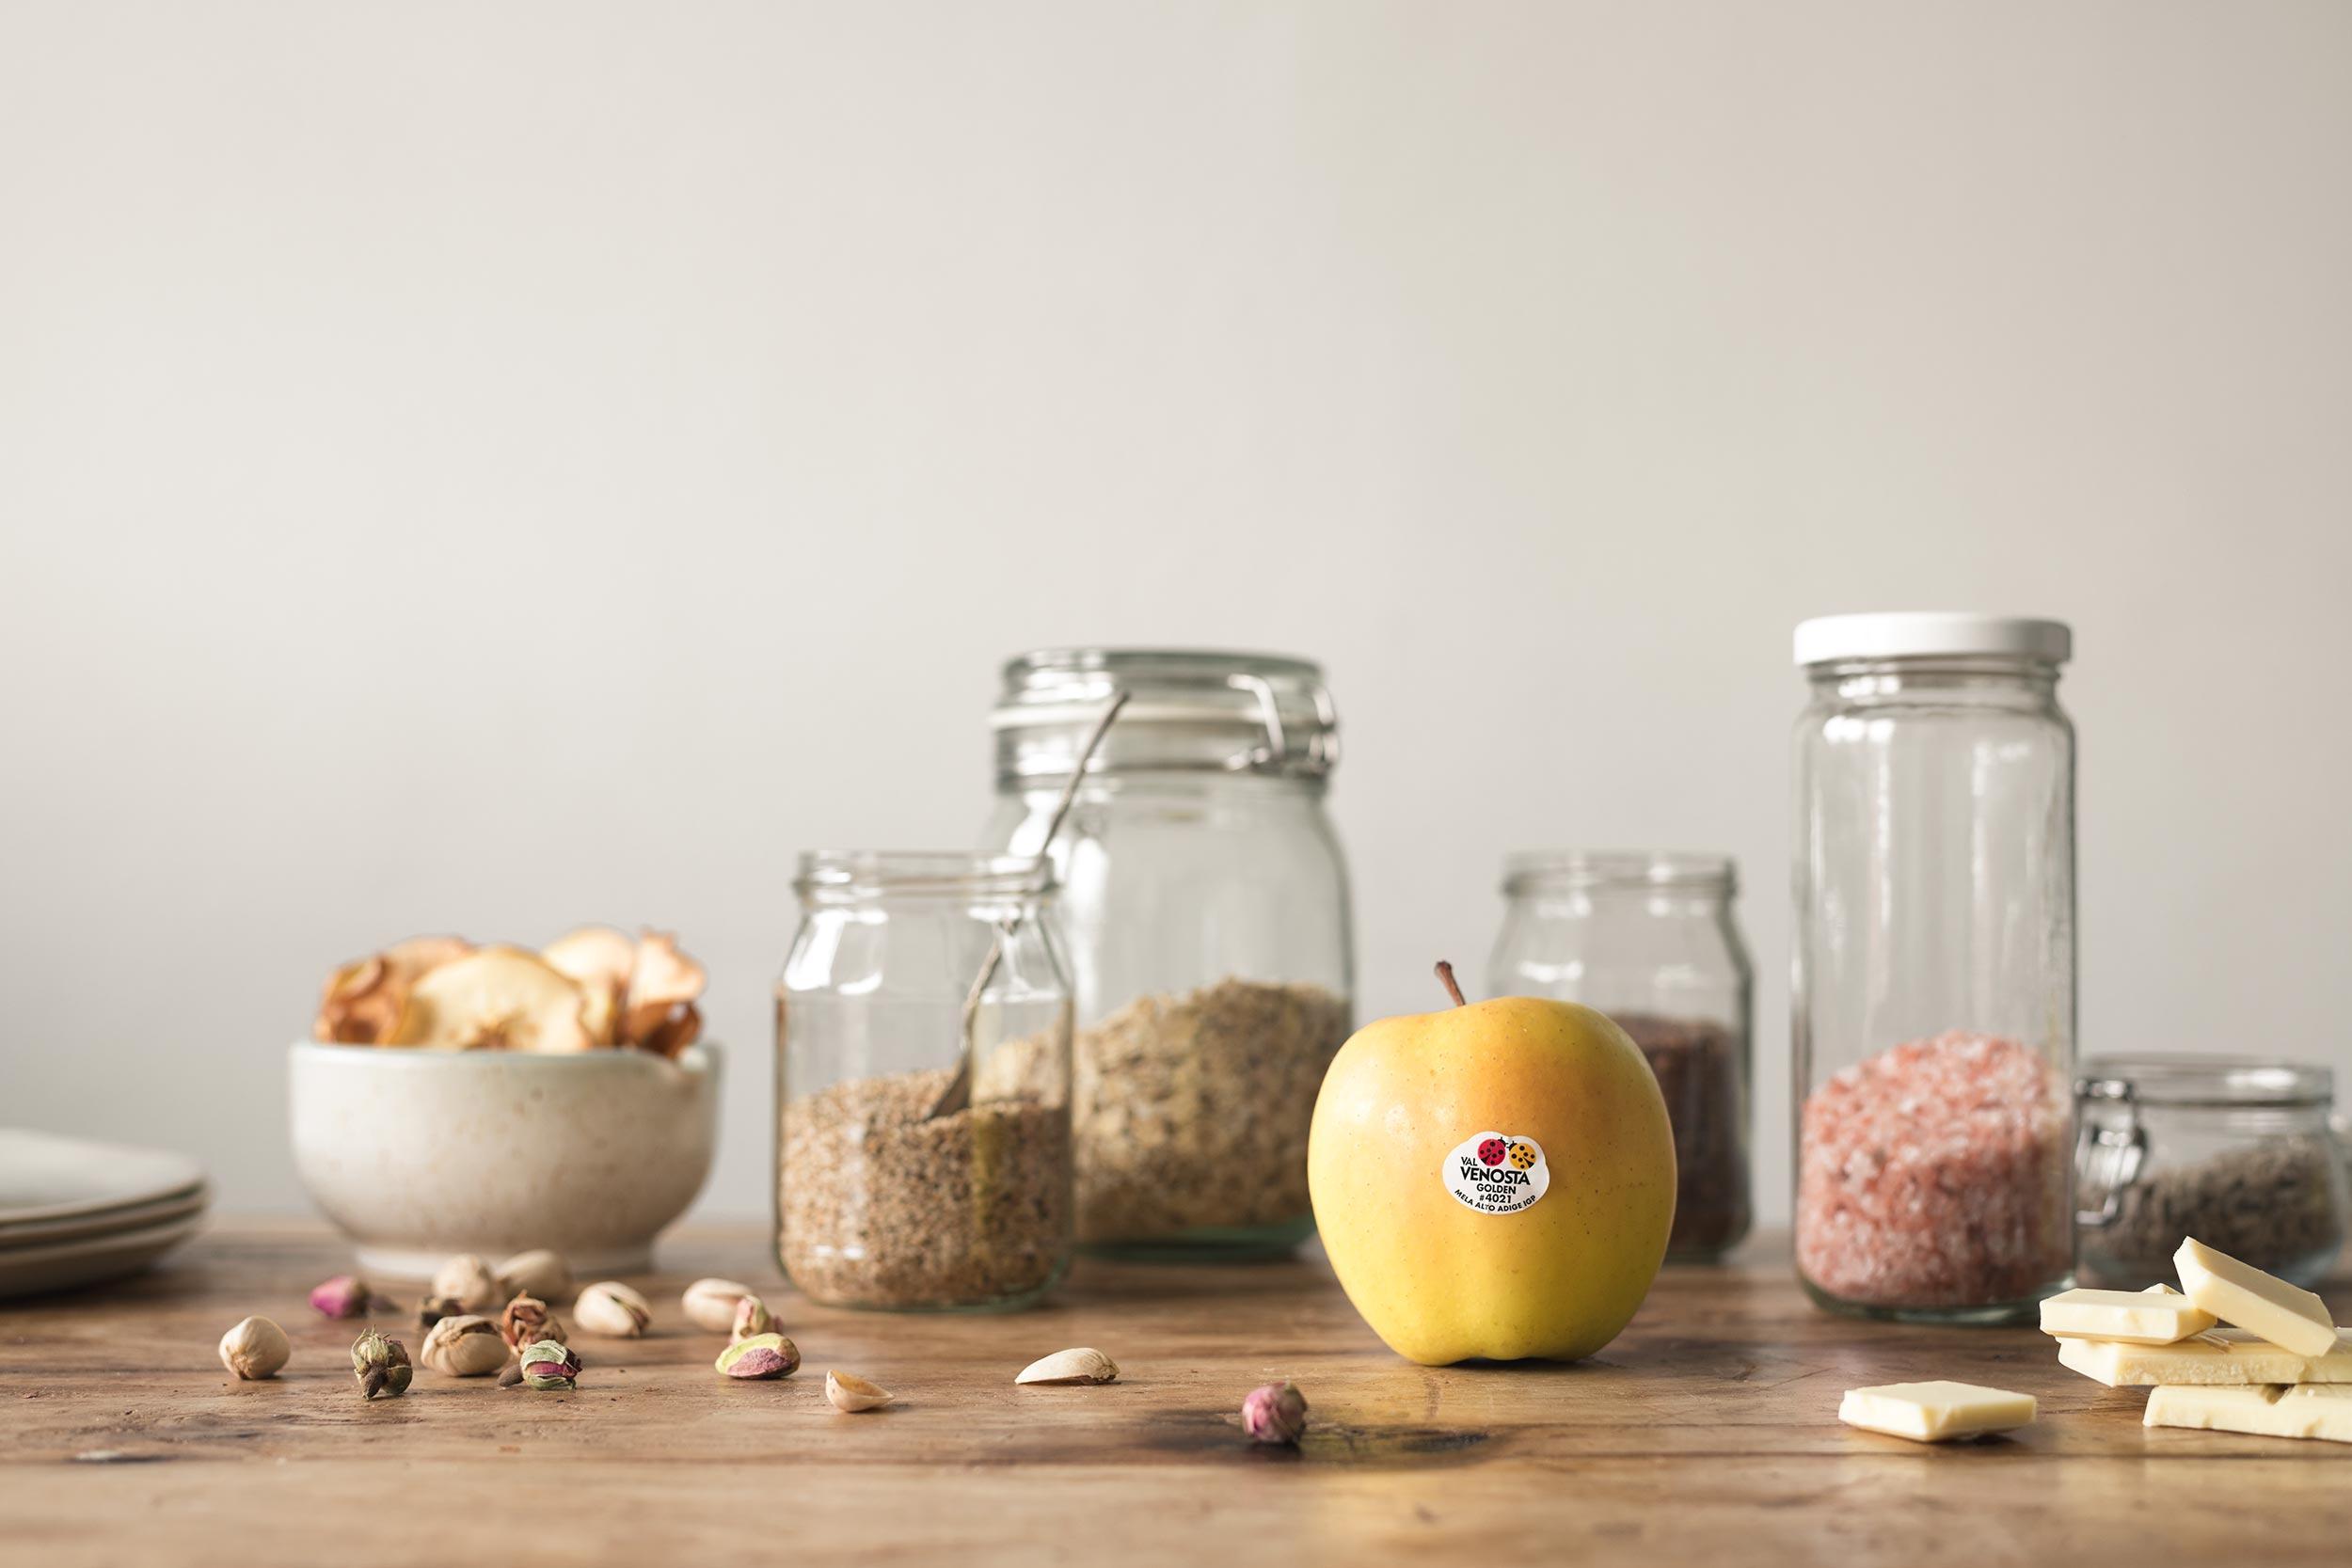 seeded apple cookies ingredients